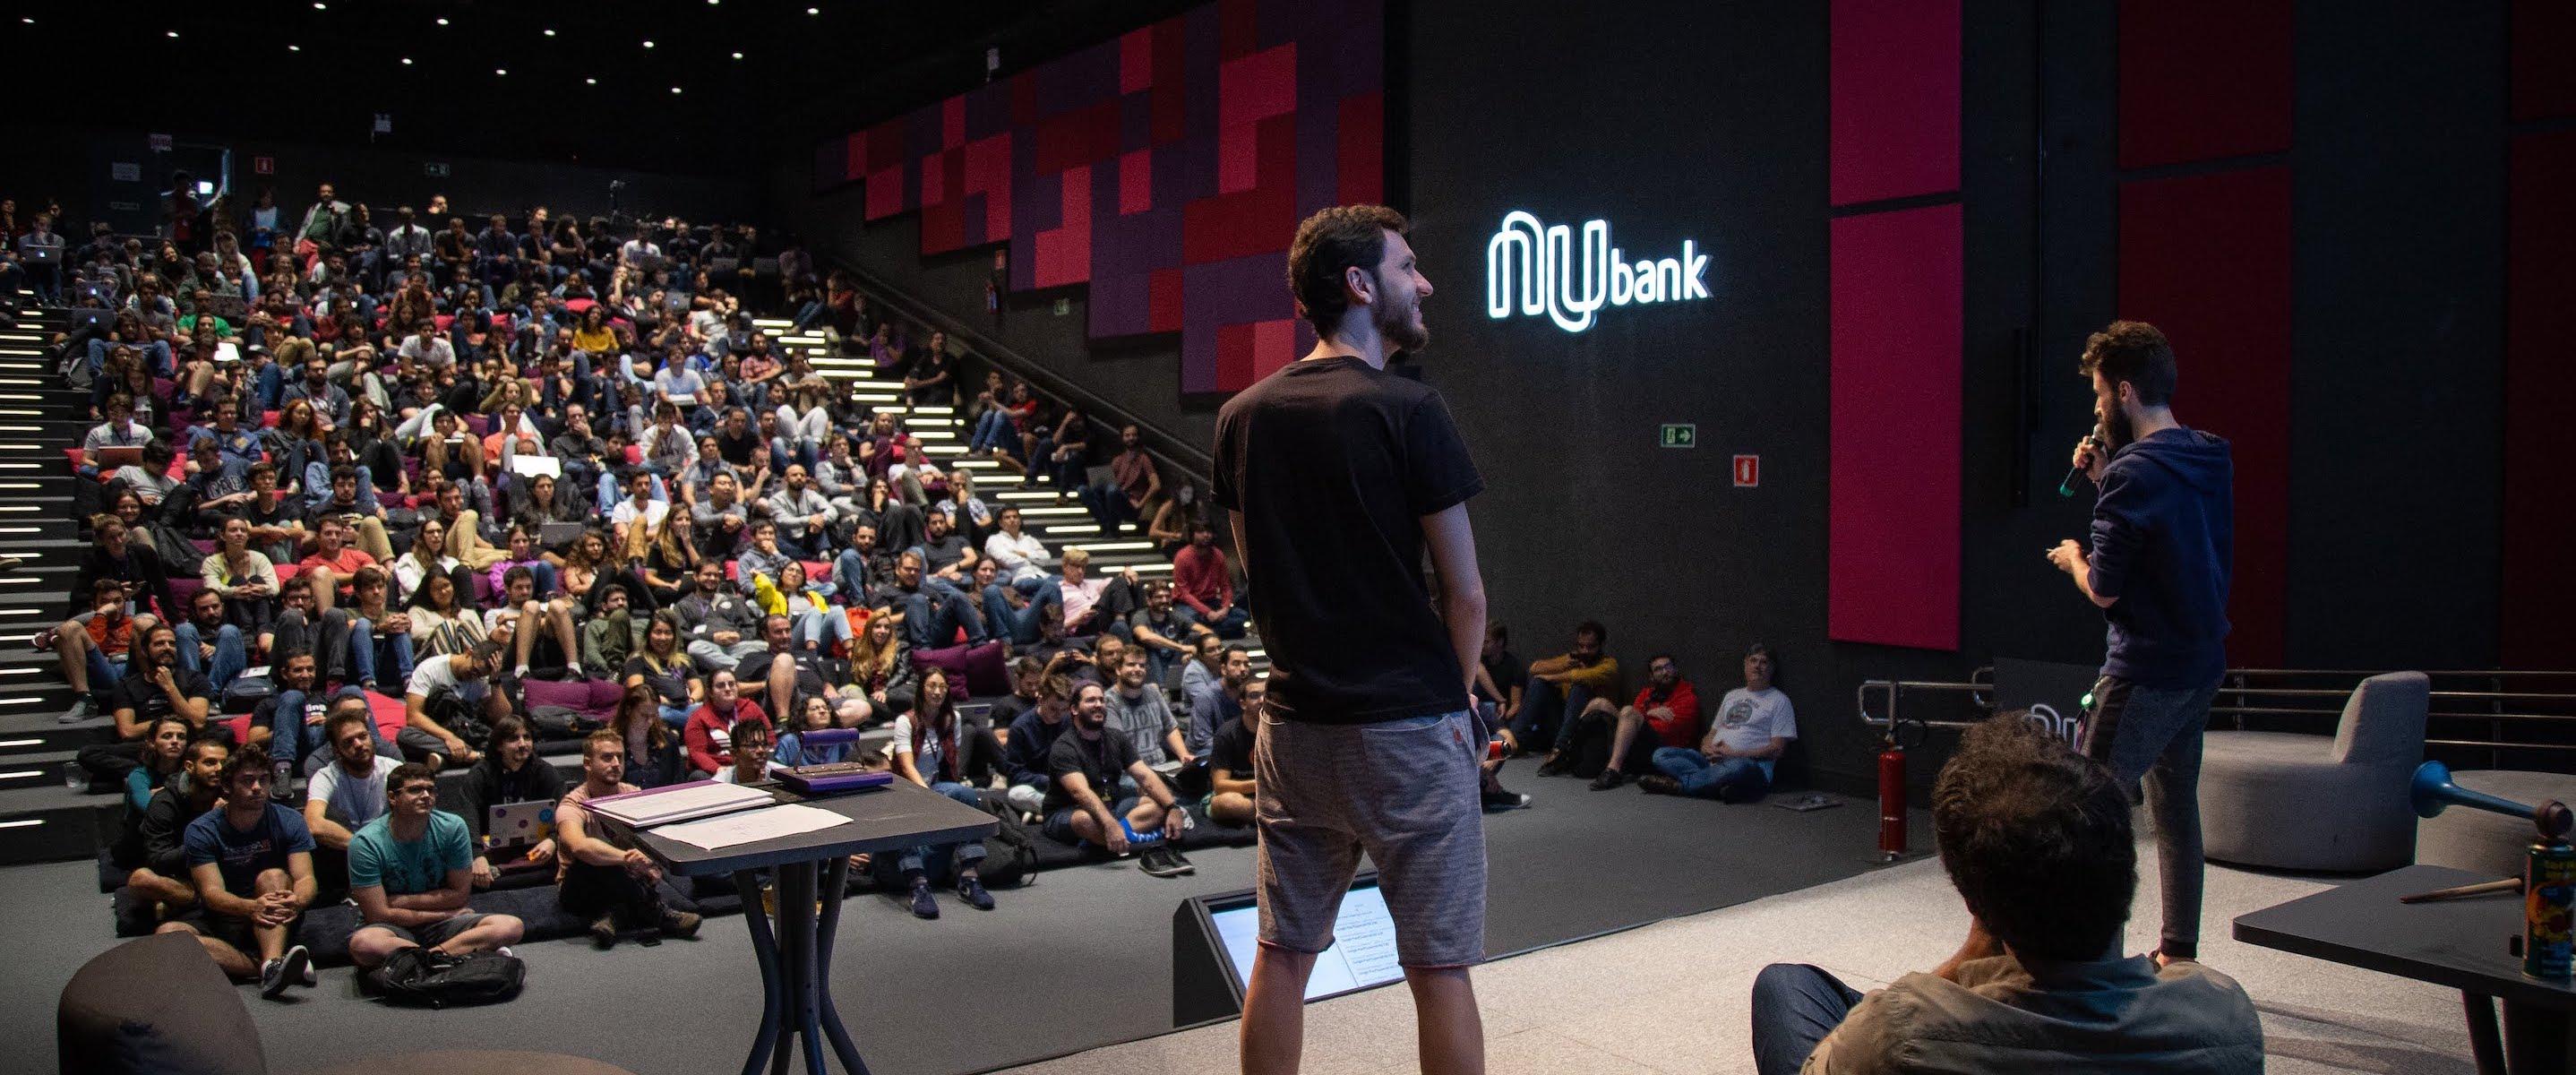 Como são o Coffee Break e a MegaDemo no Nubank: auditório lotado com apresentador na frente